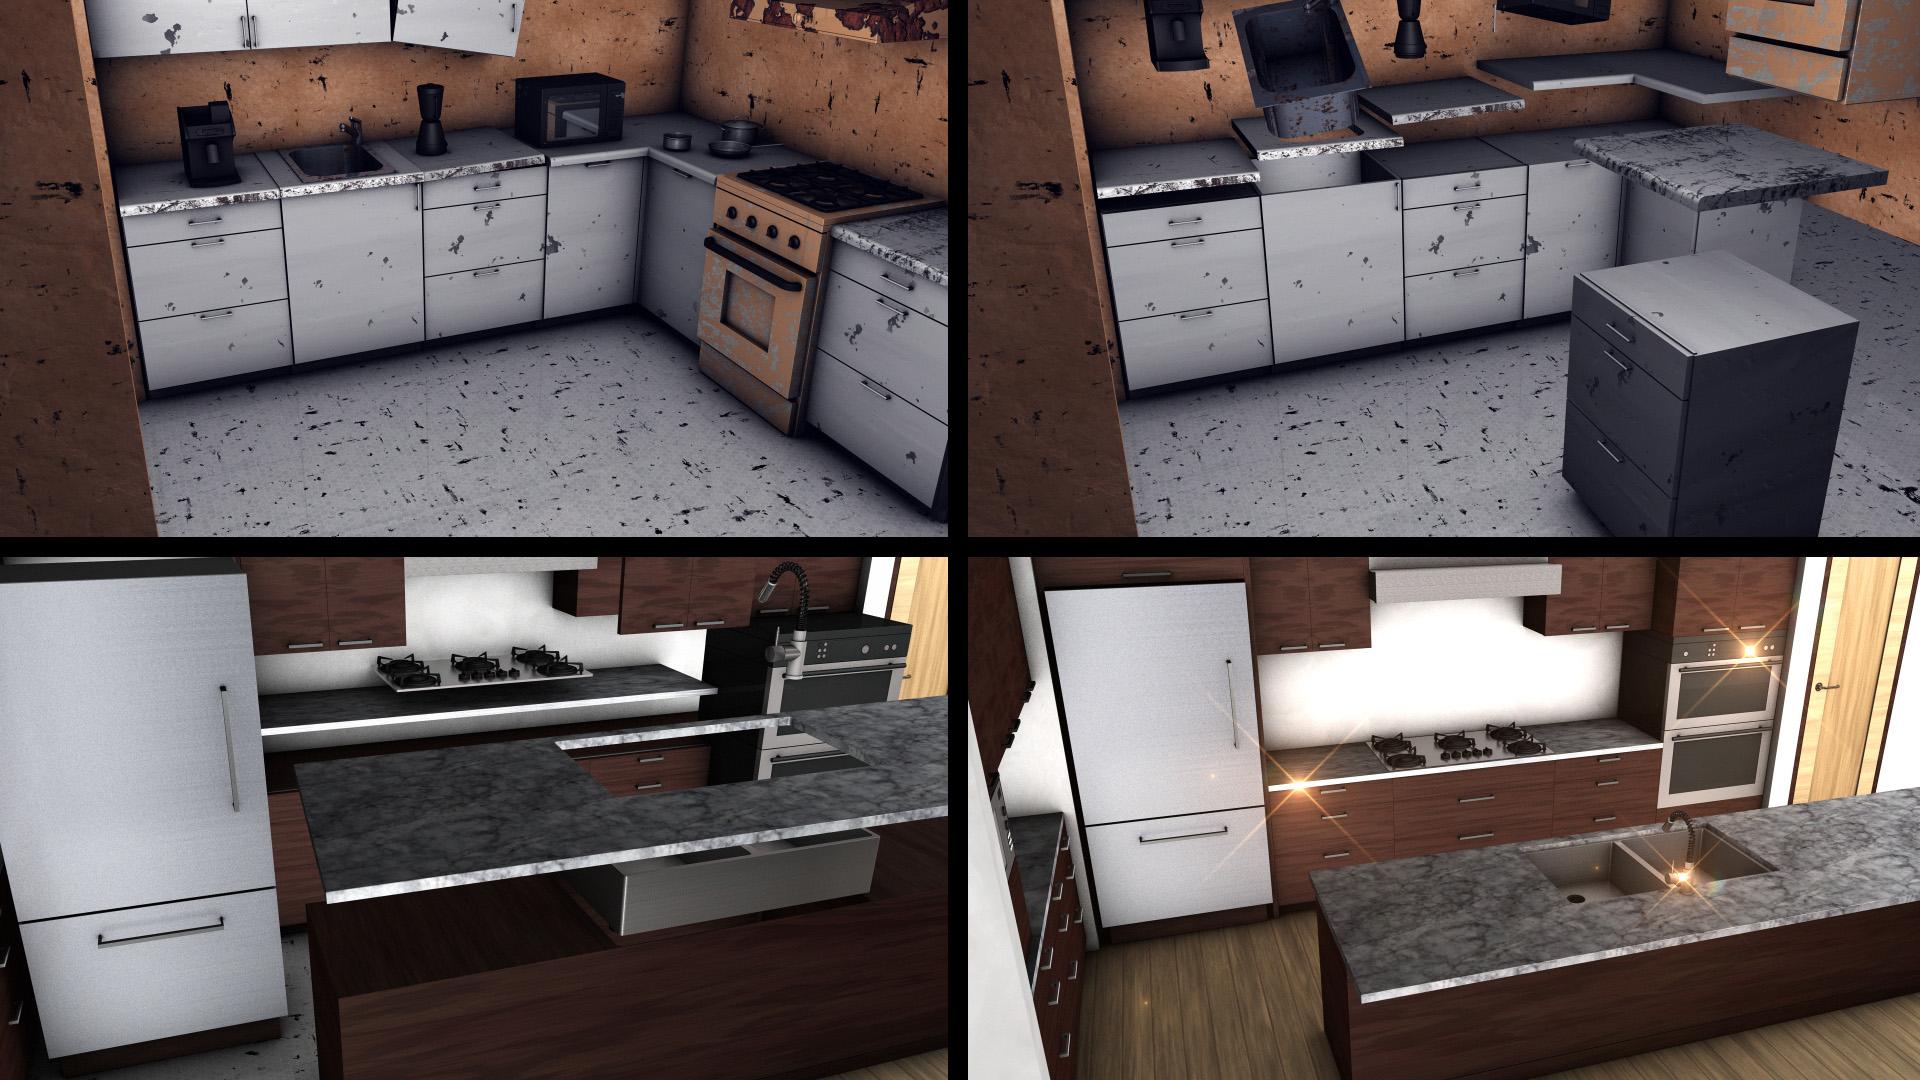 ucb_still_kitchen.jpg